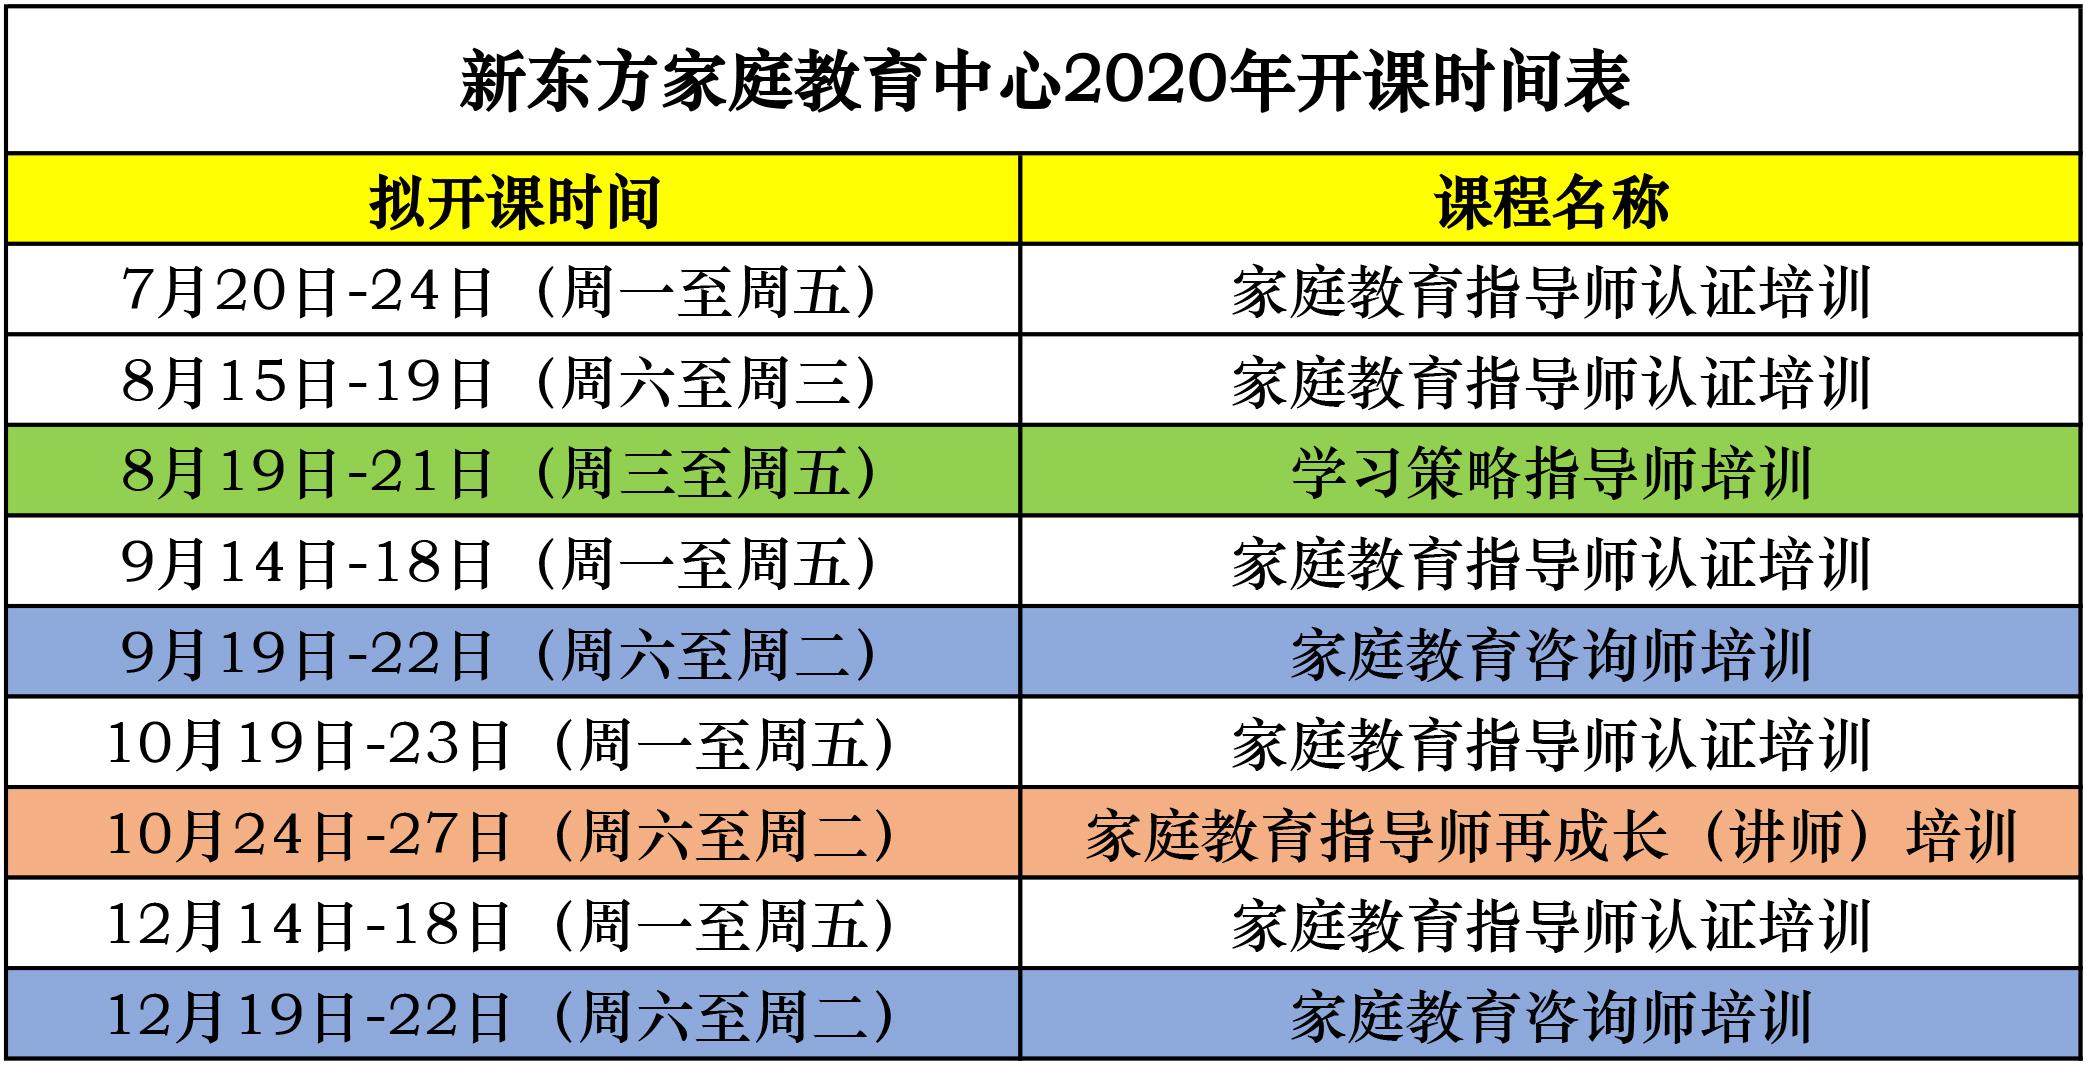 2020年開課時間表(0803).jpg